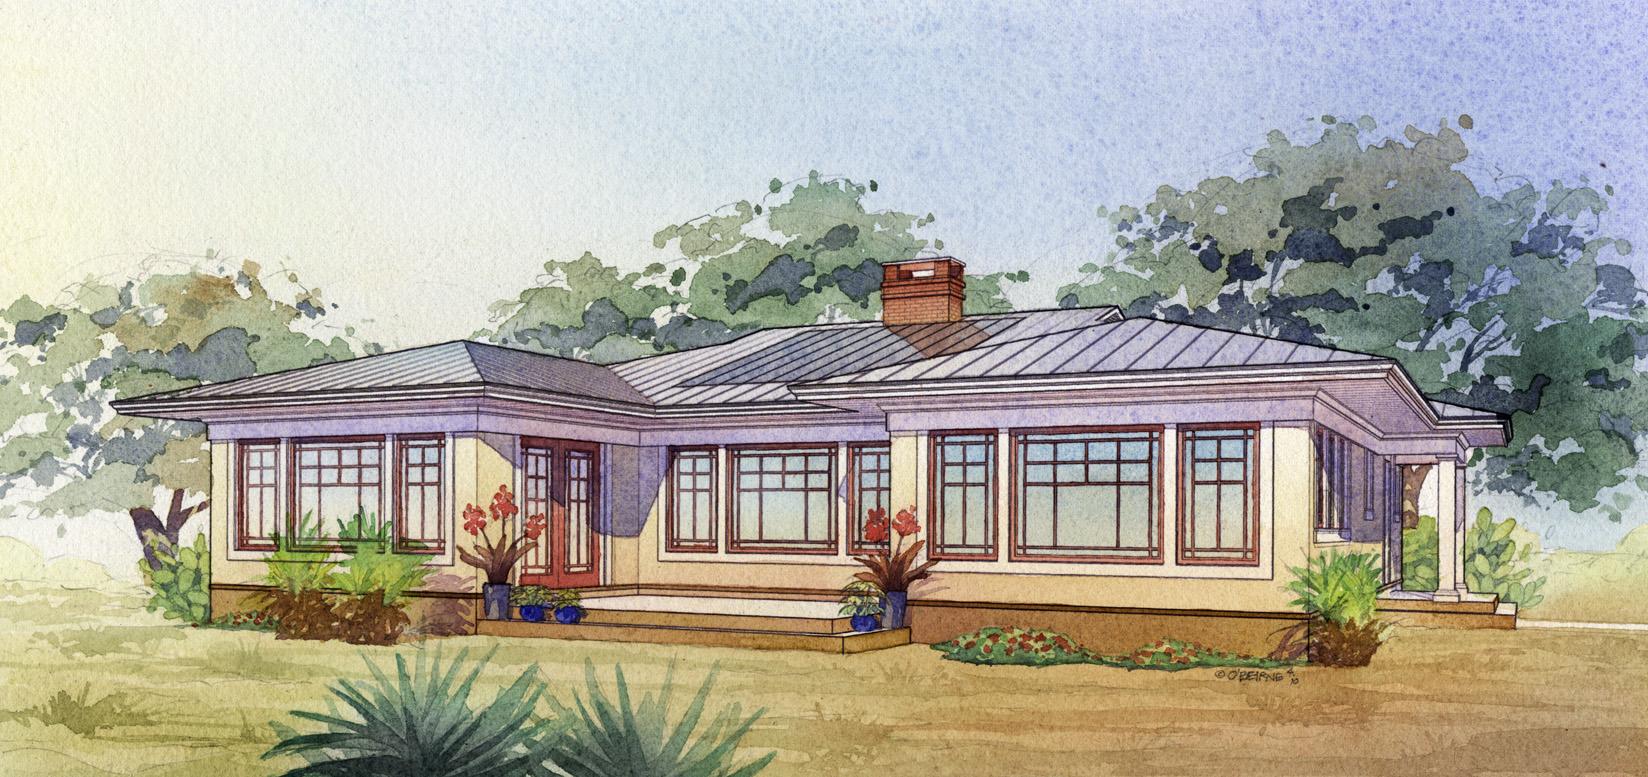 southwest passive solar design 16508ar architectural designs southwest passive solar design 16508ar architectural designs house plans